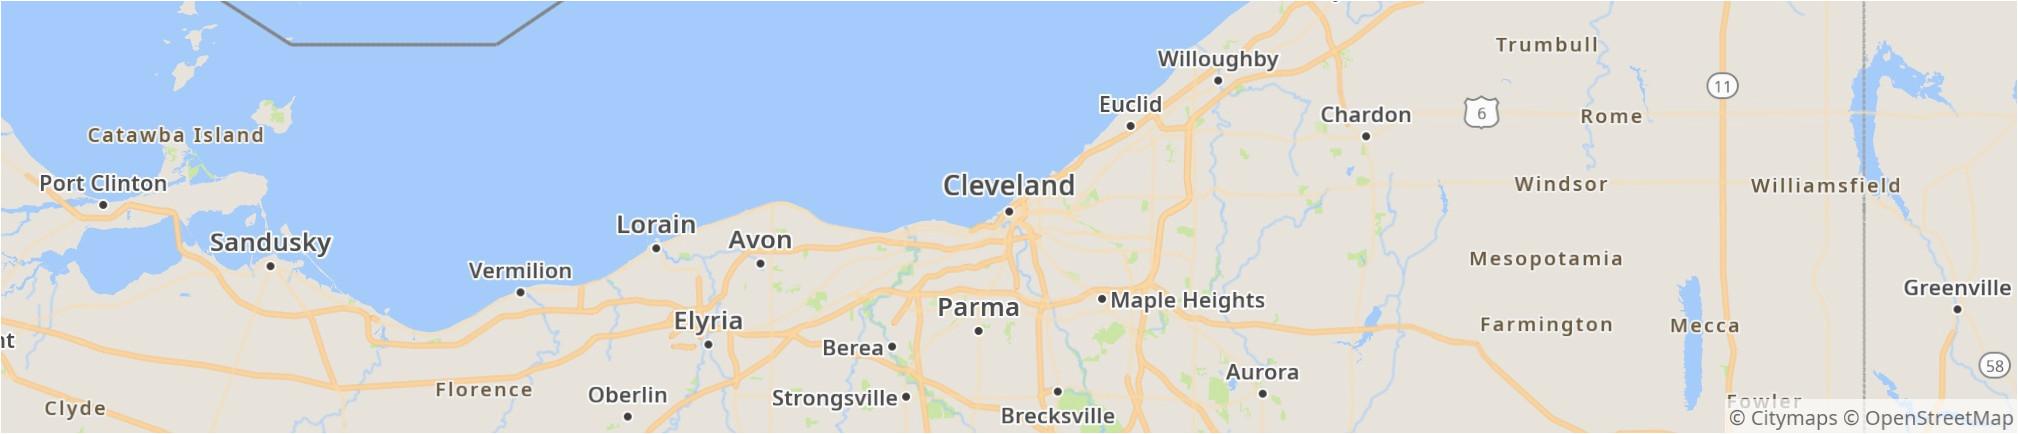 cleveland 2019 best of cleveland oh tourism tripadvisor